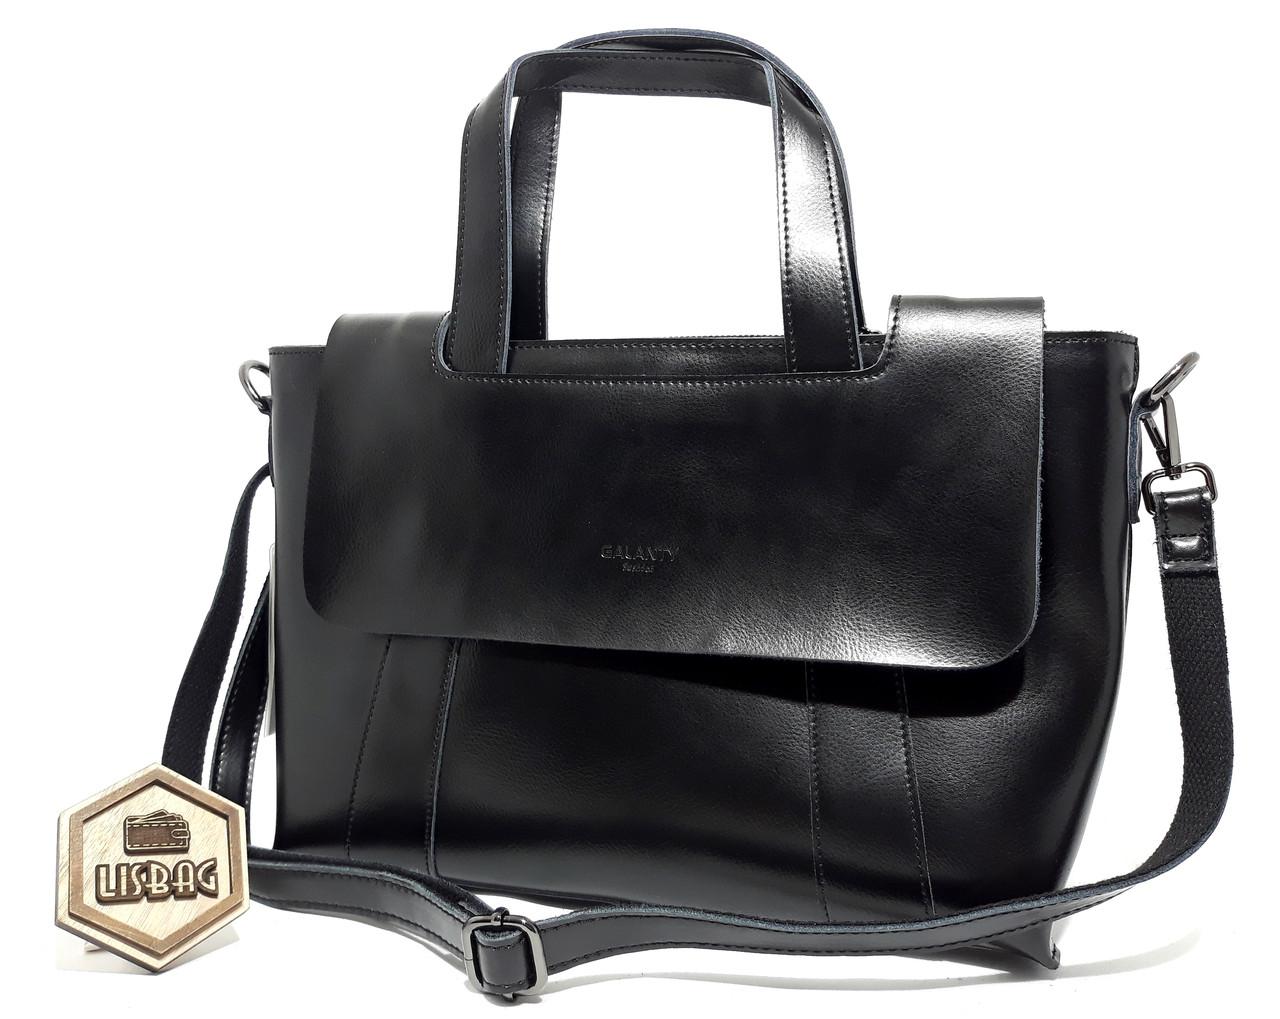 97f9ac95eb7c Черная женская кожаная сумка через плечо/на плечо формата А4 и А5 - Интернет  магазин